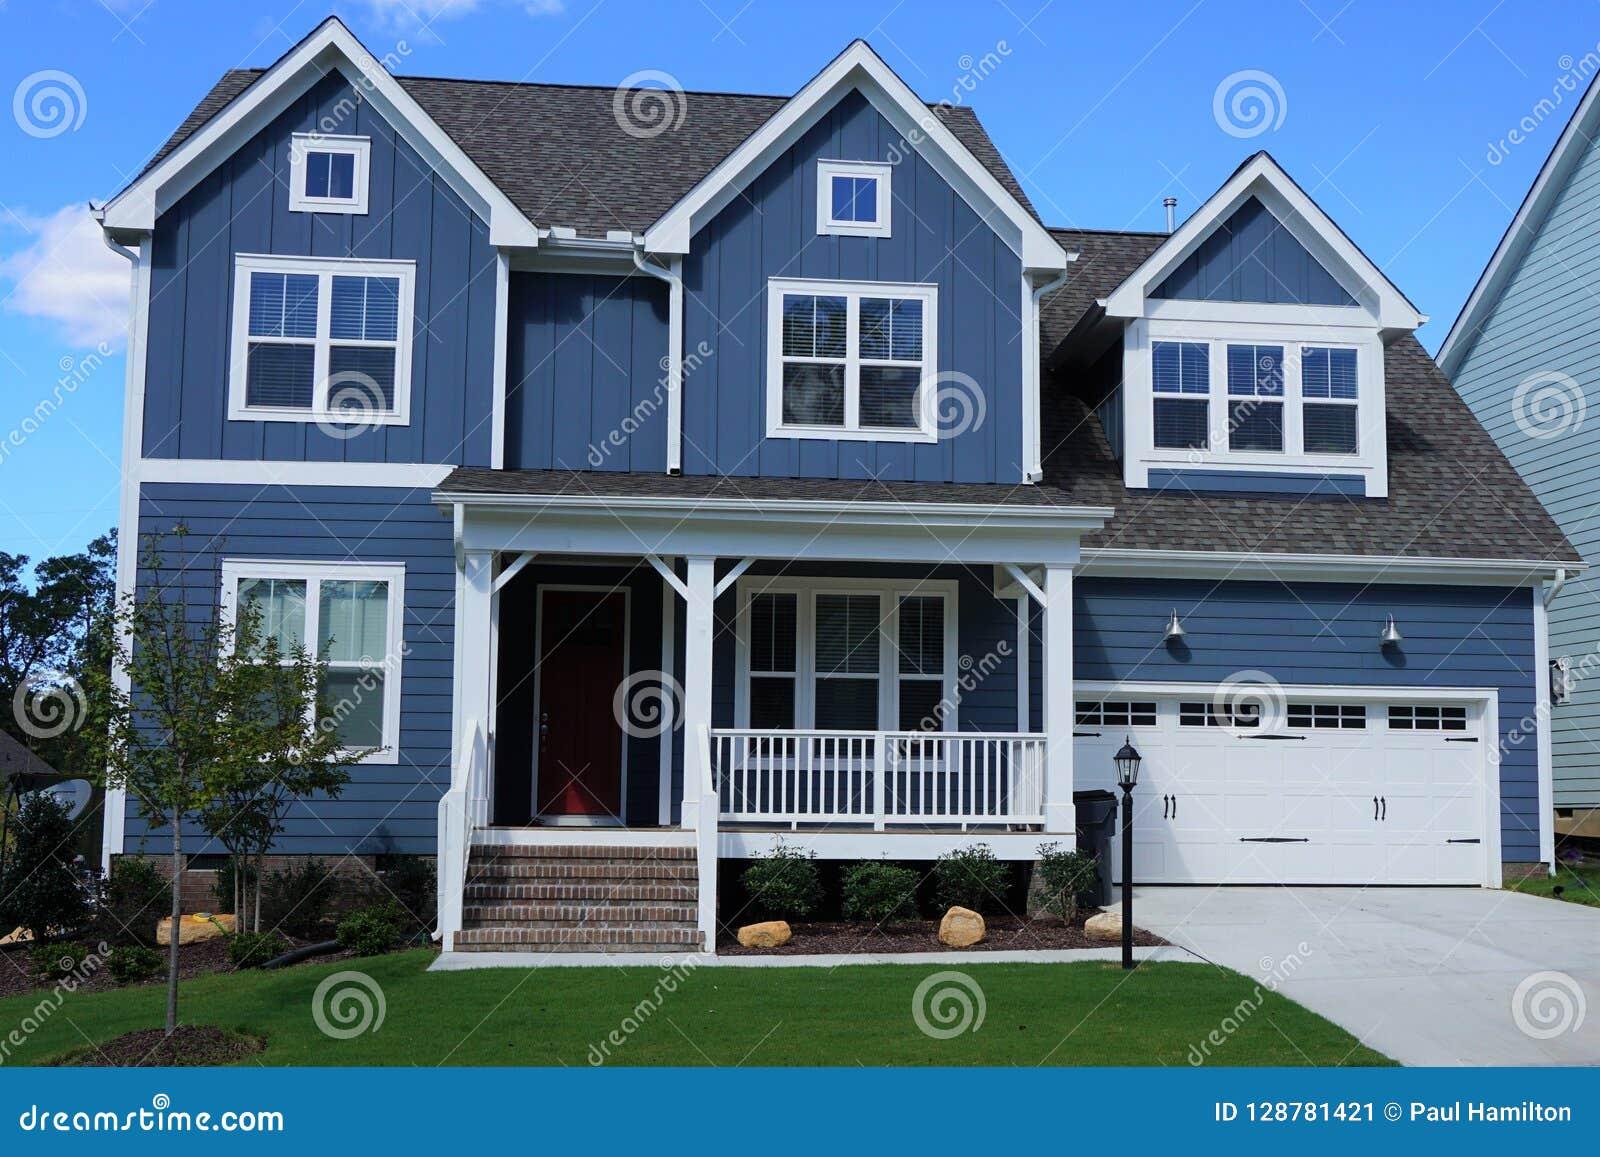 Twee-verhaal, blauw, in de voorsteden huis in een buurt in Noord-Carolina